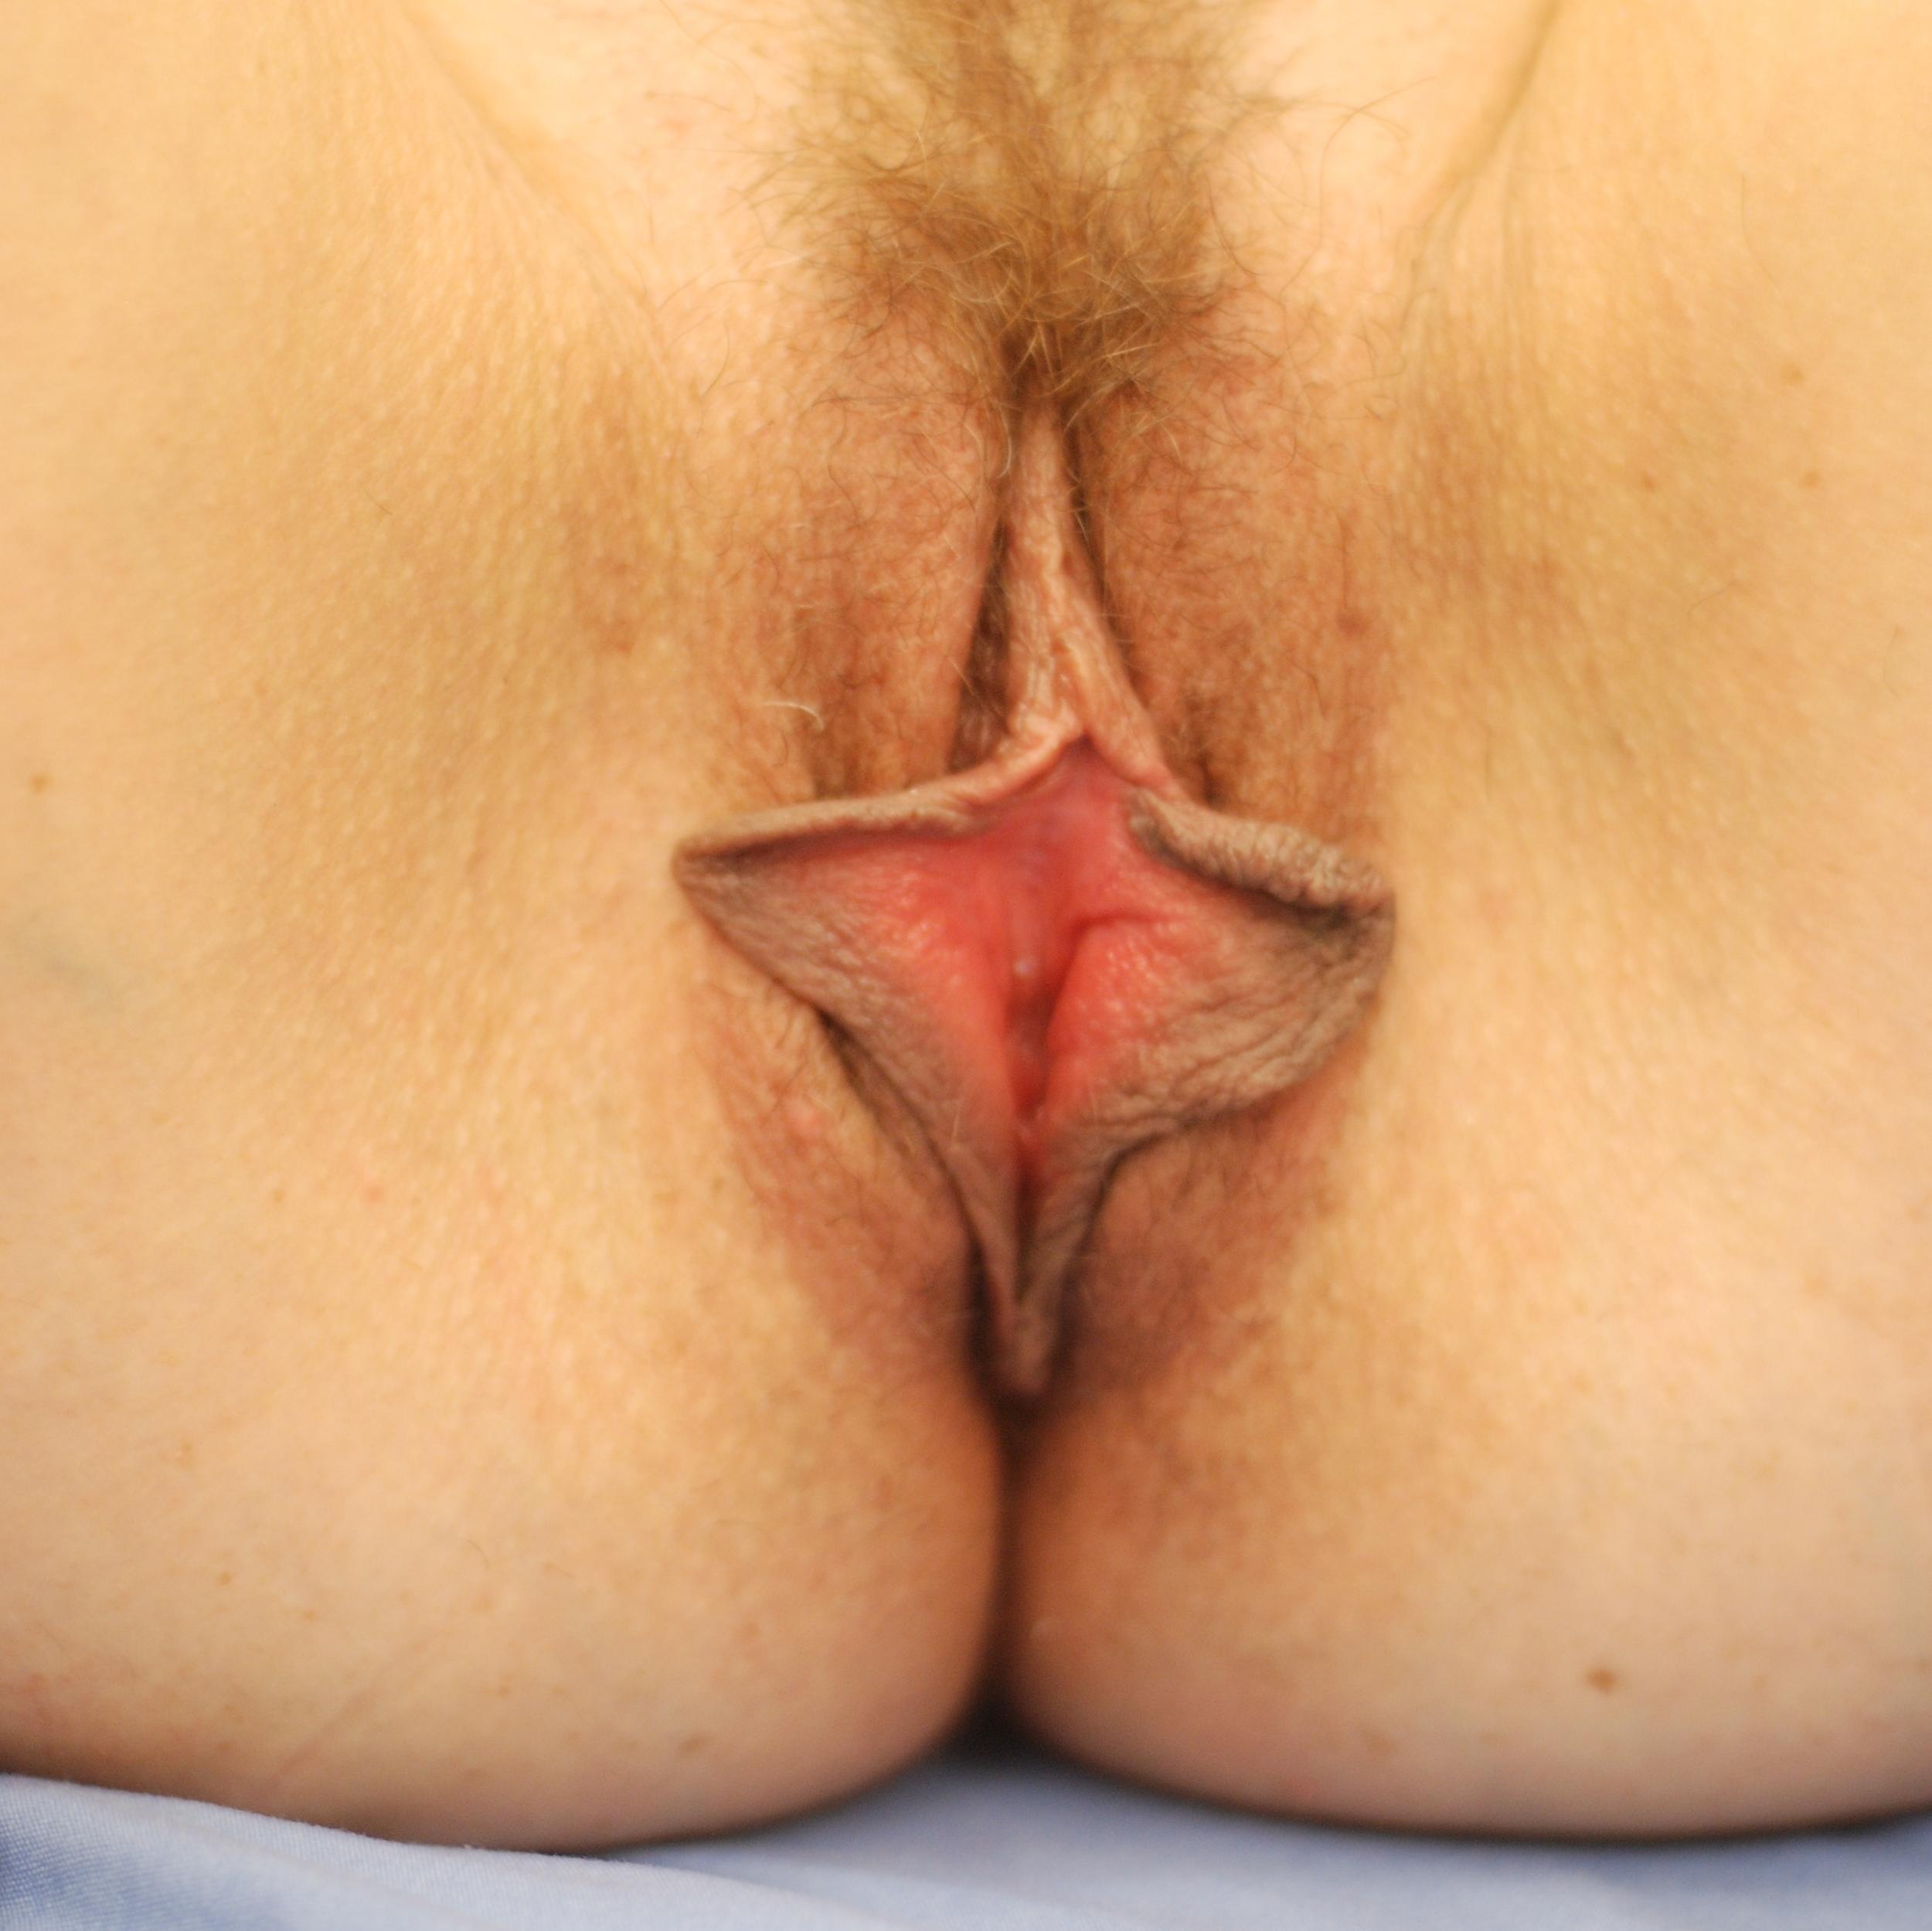 labiaplasty NYC